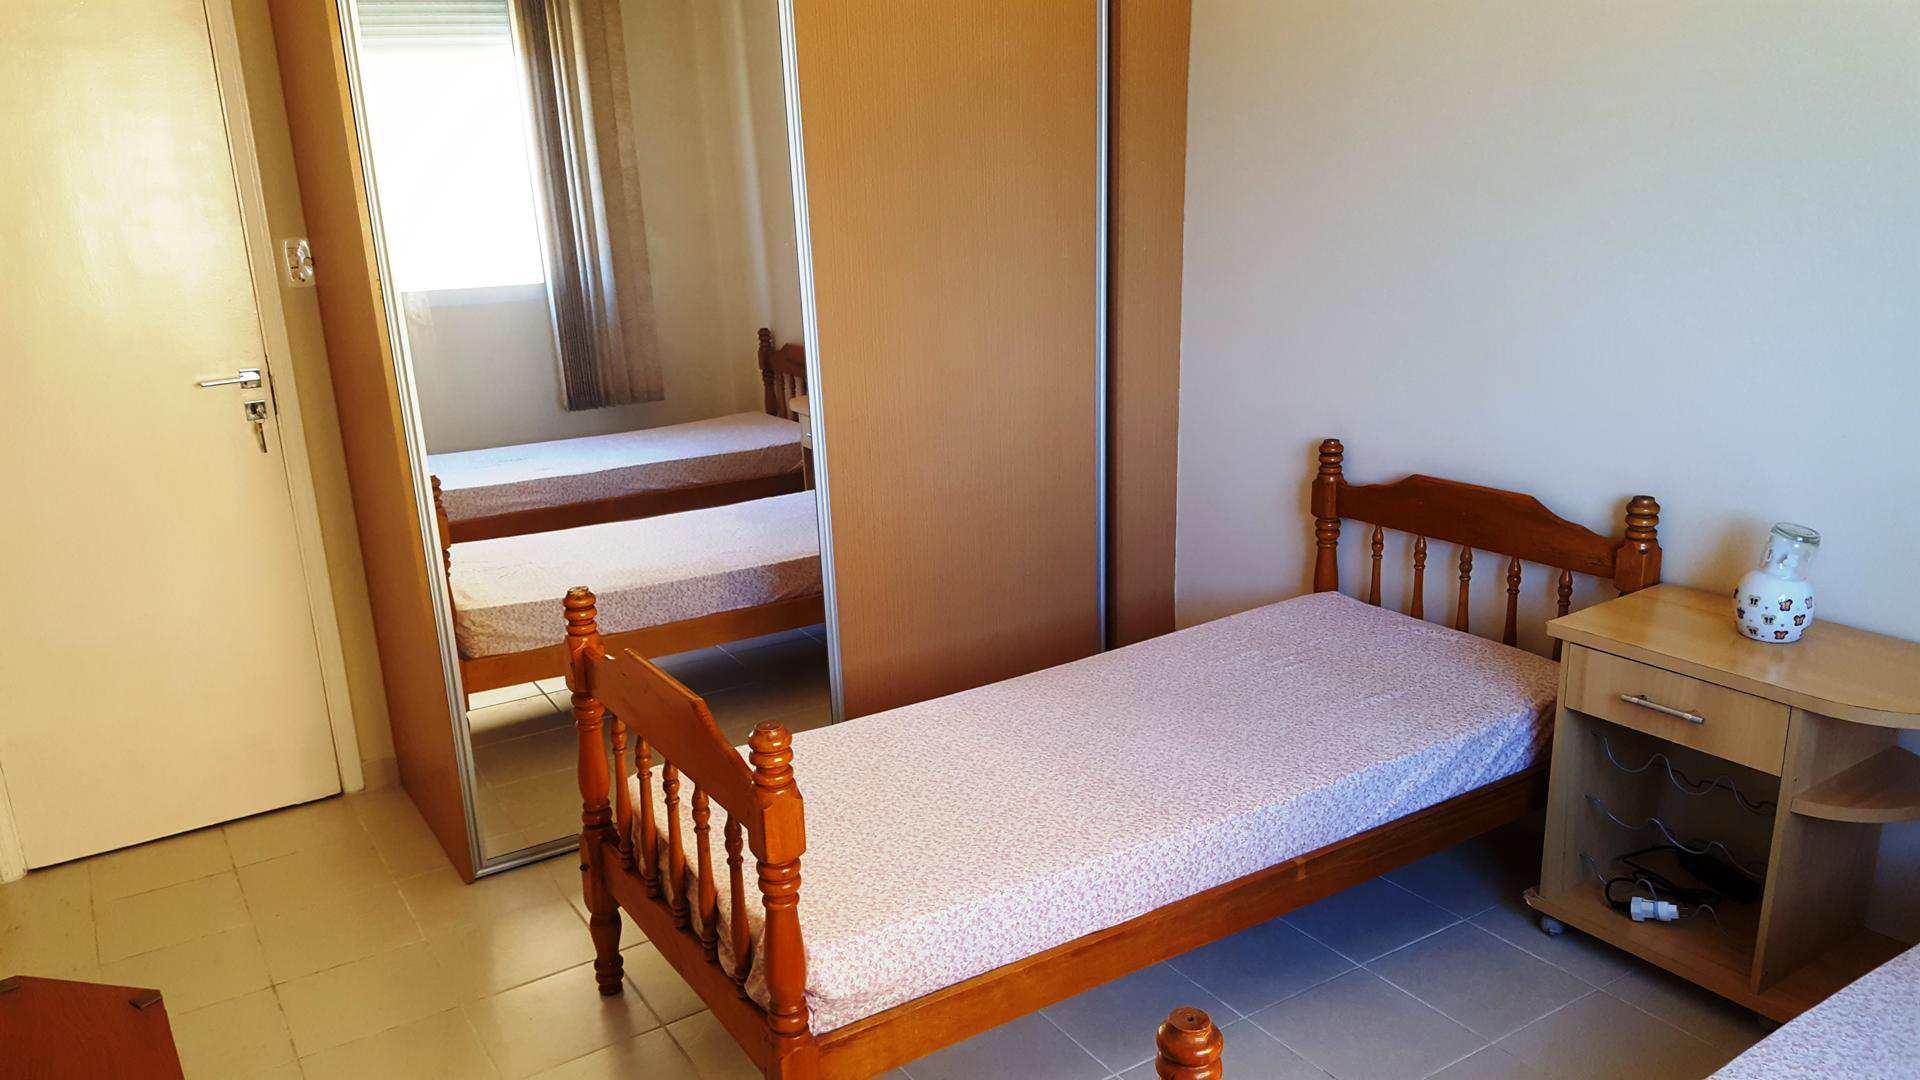 K - dorm 2 (4)